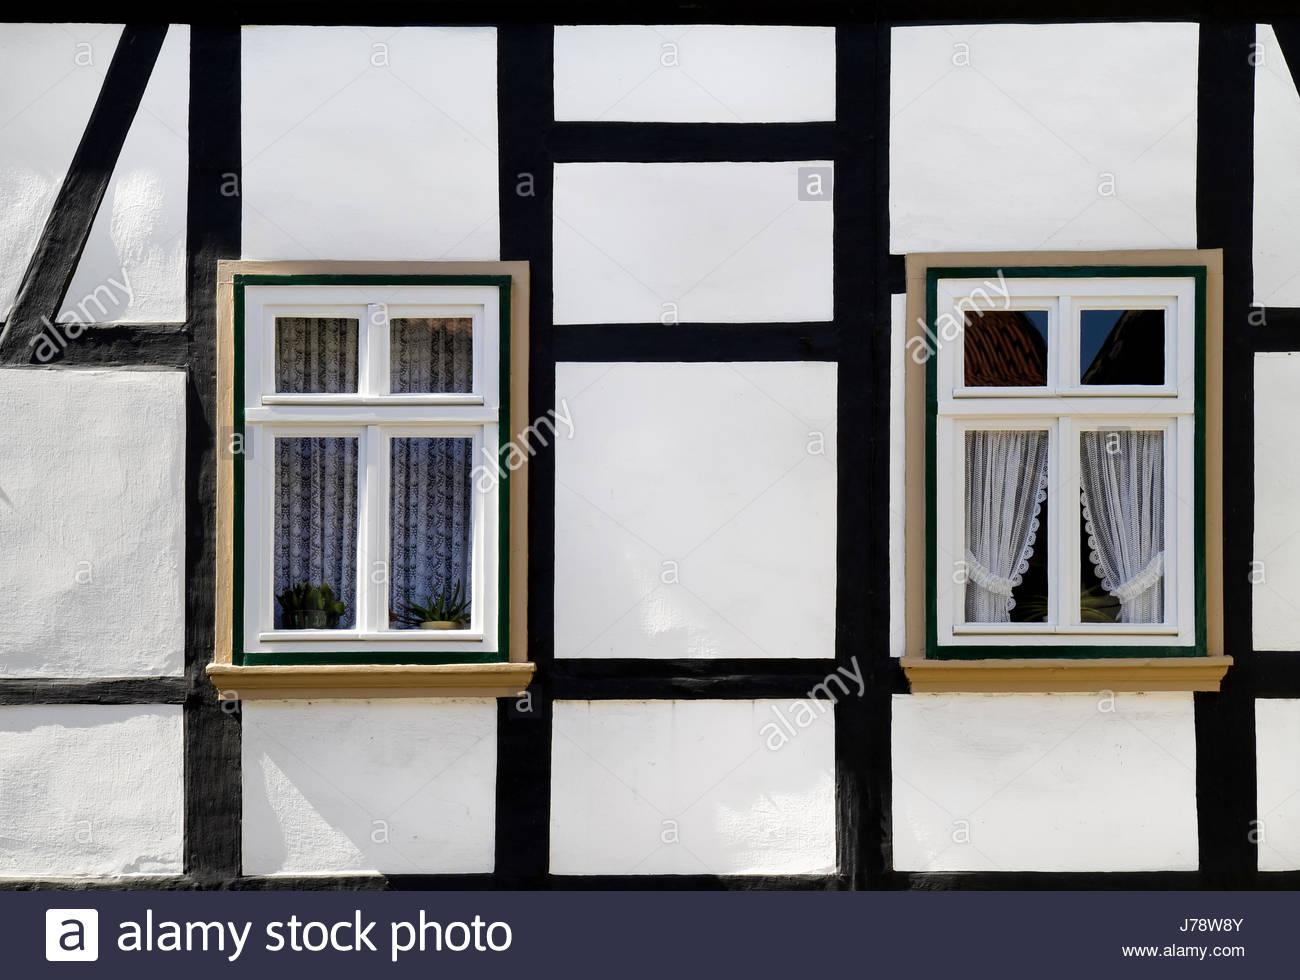 Atemberaubend Fensterscheibe Rahmen Bilder - Benutzerdefinierte ...